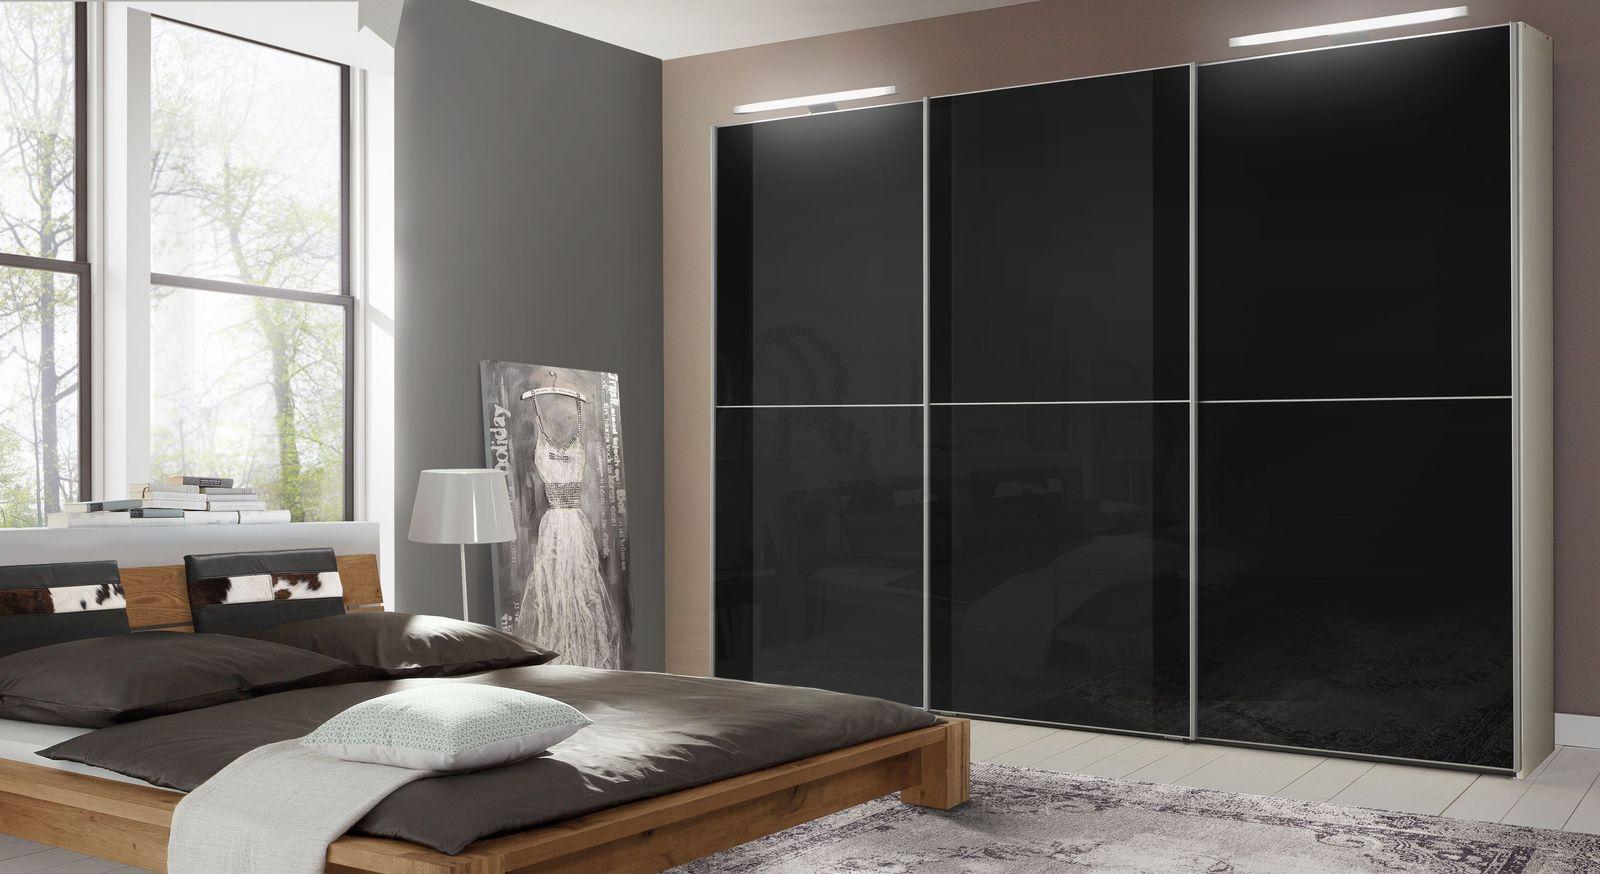 Moderner Kleiderschrank Mit Schwarzen Schiebeturen Madison